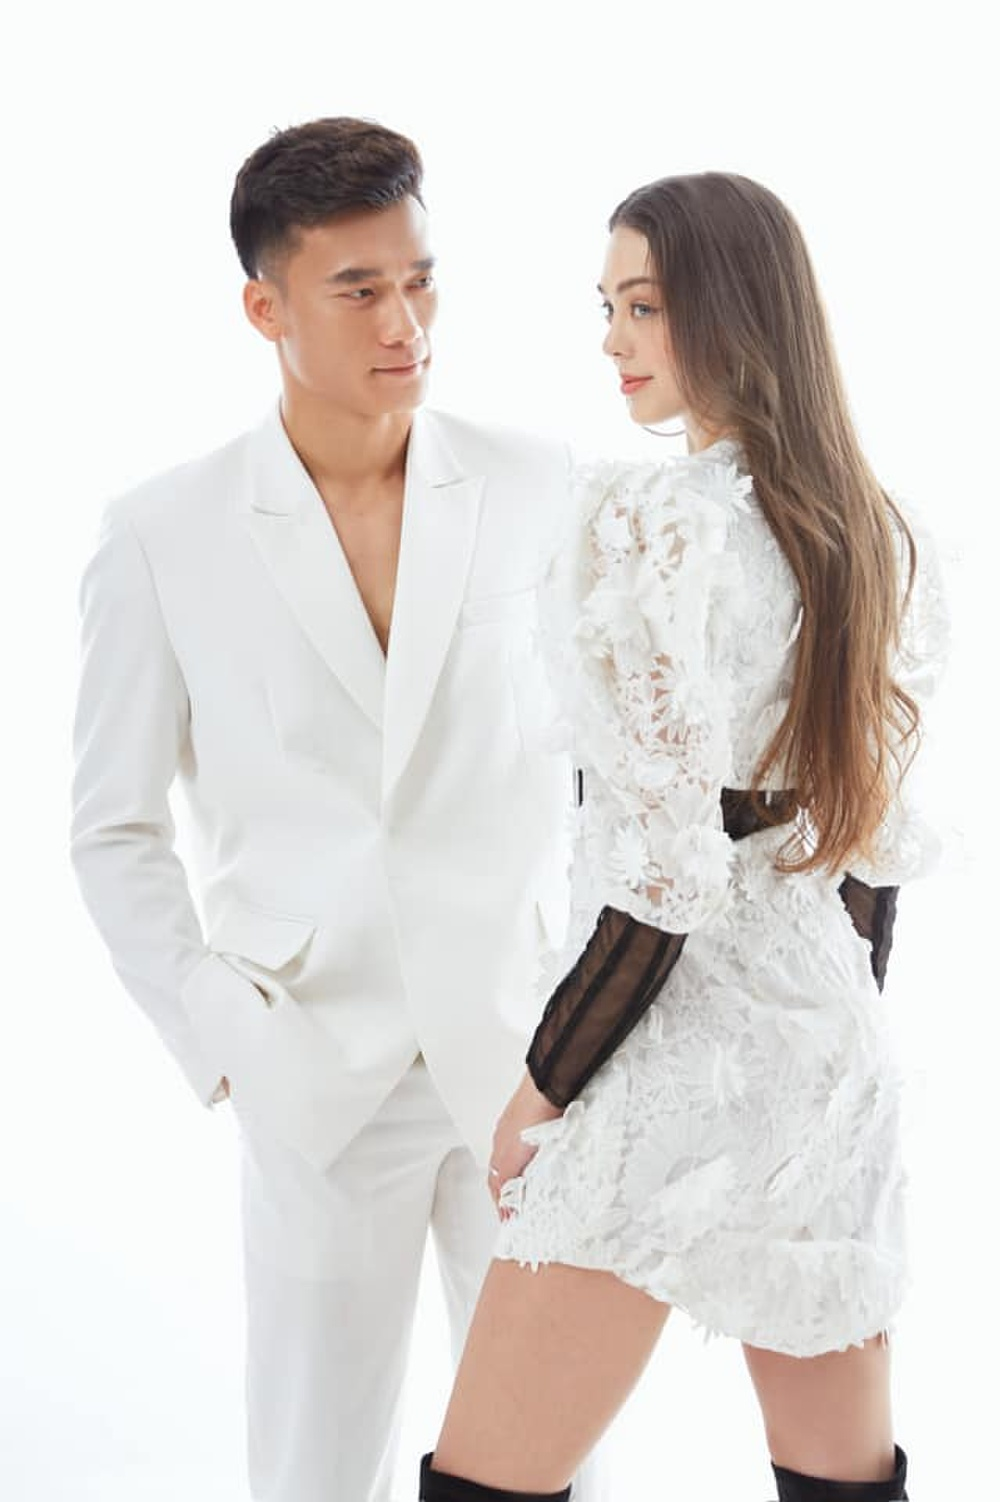 Nhân dịp Valentine, Bùi Tiến Dũng đăng bộ ảnh 'cực tình' bên bạn gái Tây khiến dân tình xuýt xoa Ảnh 3